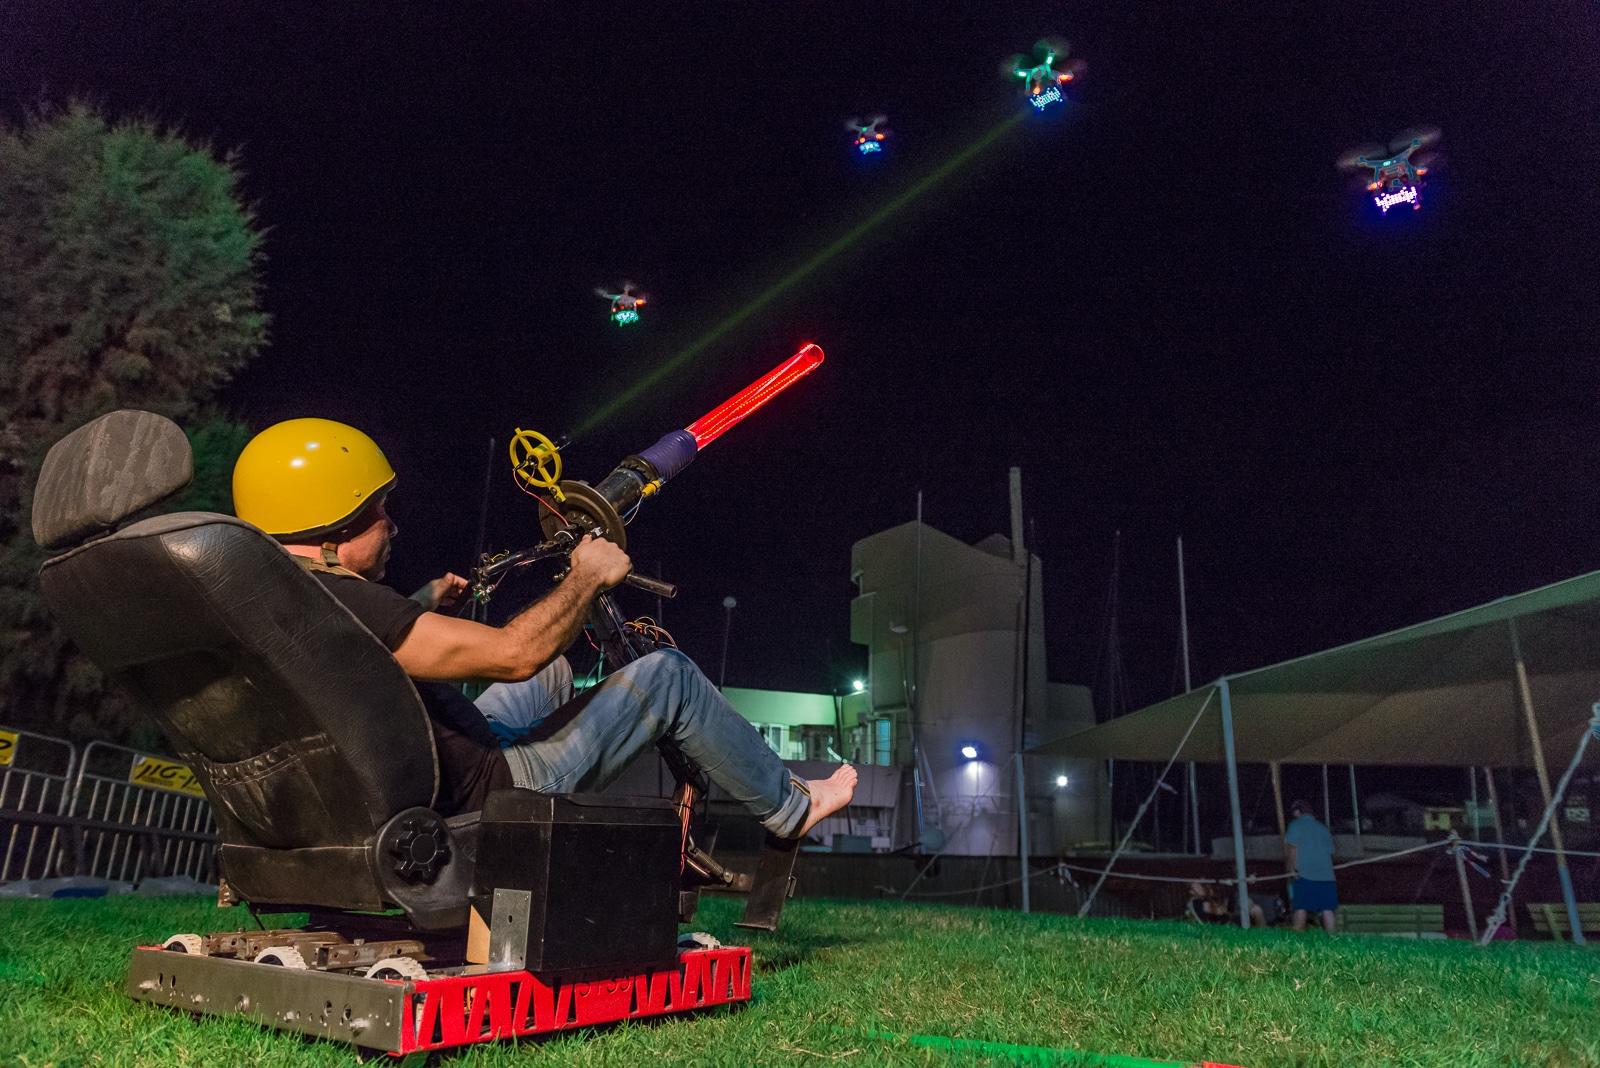 SpacedOut: Space Invaders mit Drohnen und riesiger Lichtkanone nachgestellt